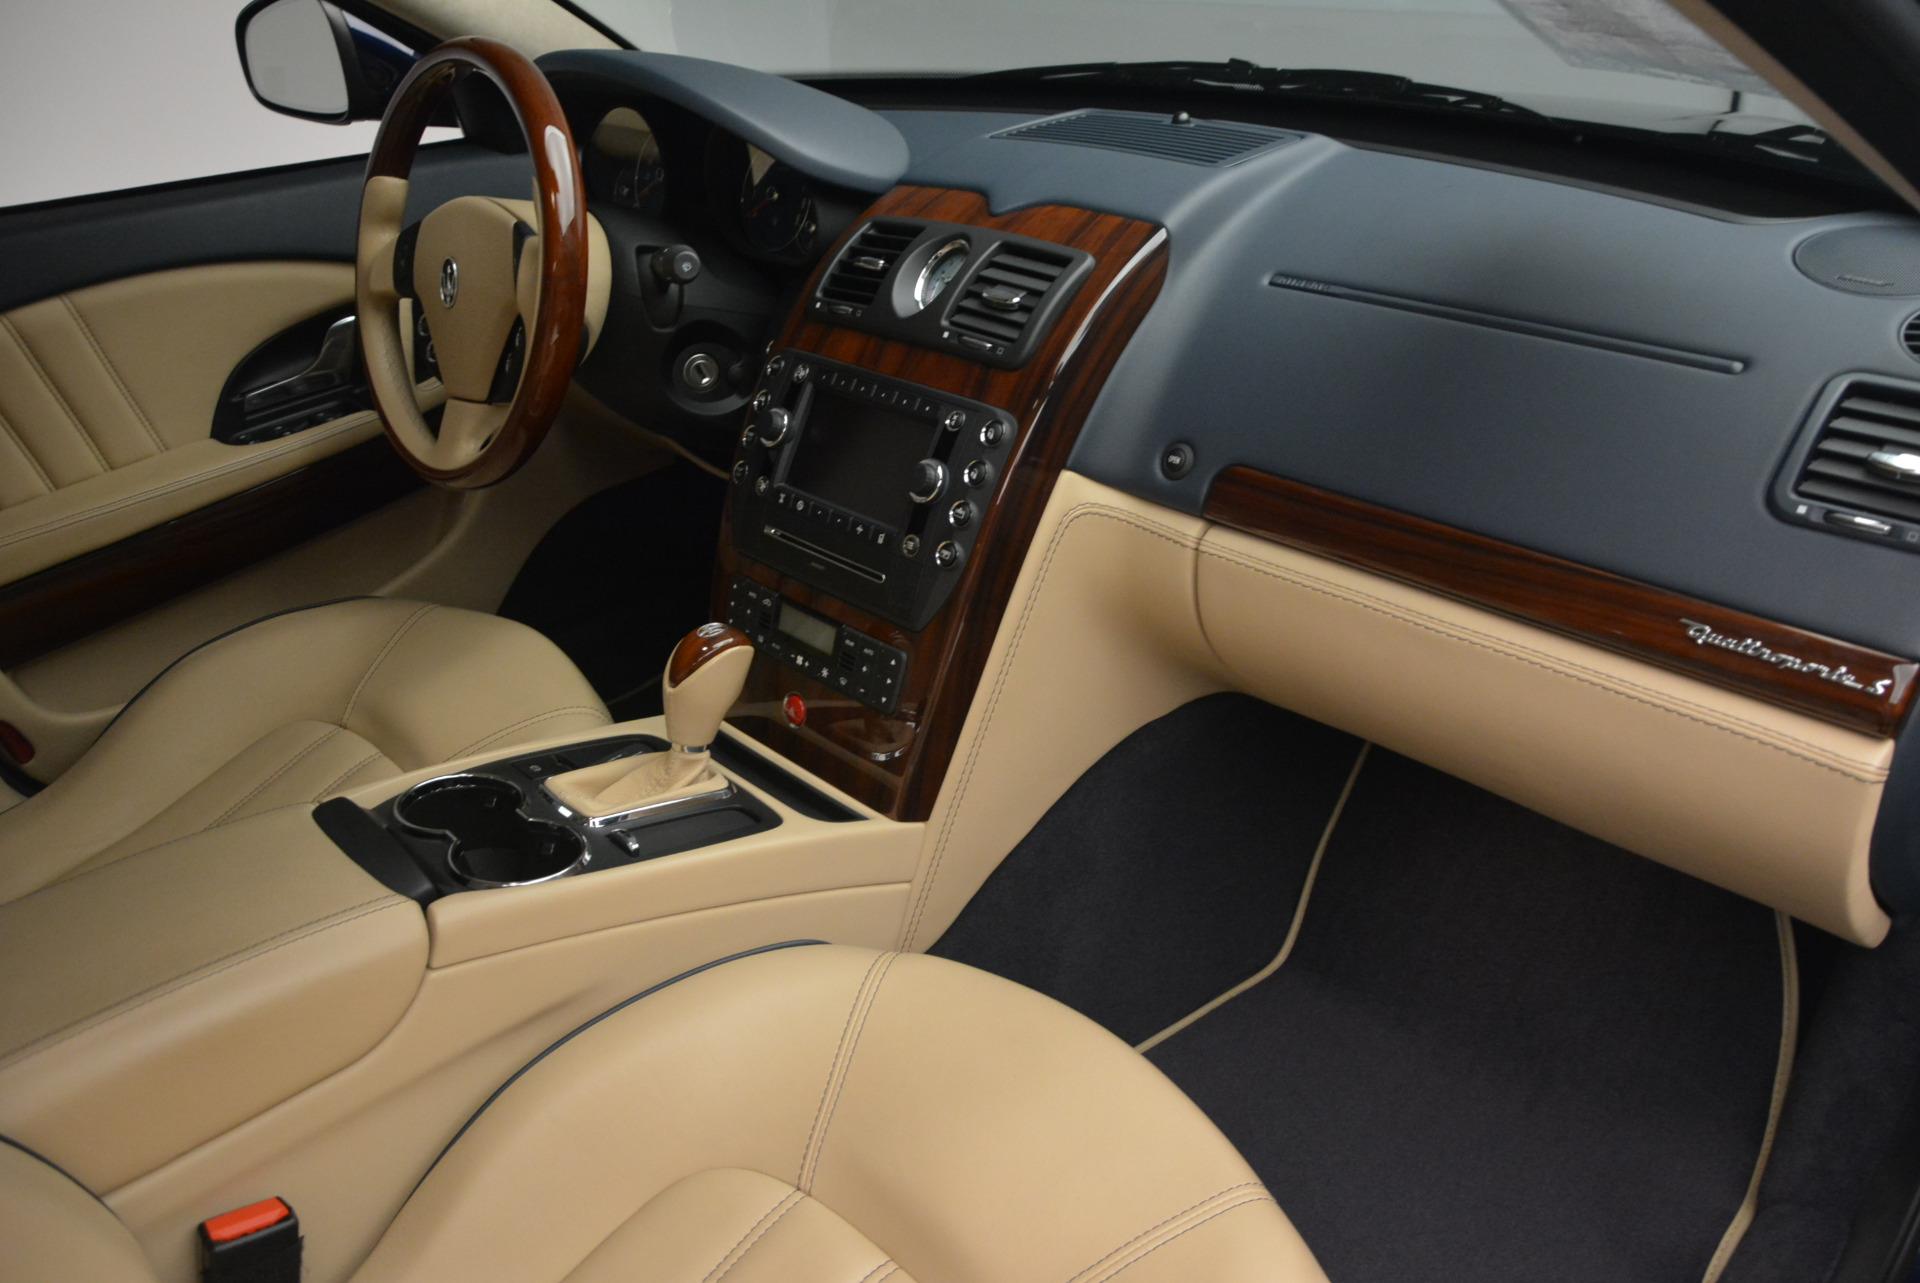 Used 2010 Maserati Quattroporte S For Sale In Greenwich, CT. Alfa Romeo of Greenwich, 1267 795_p19